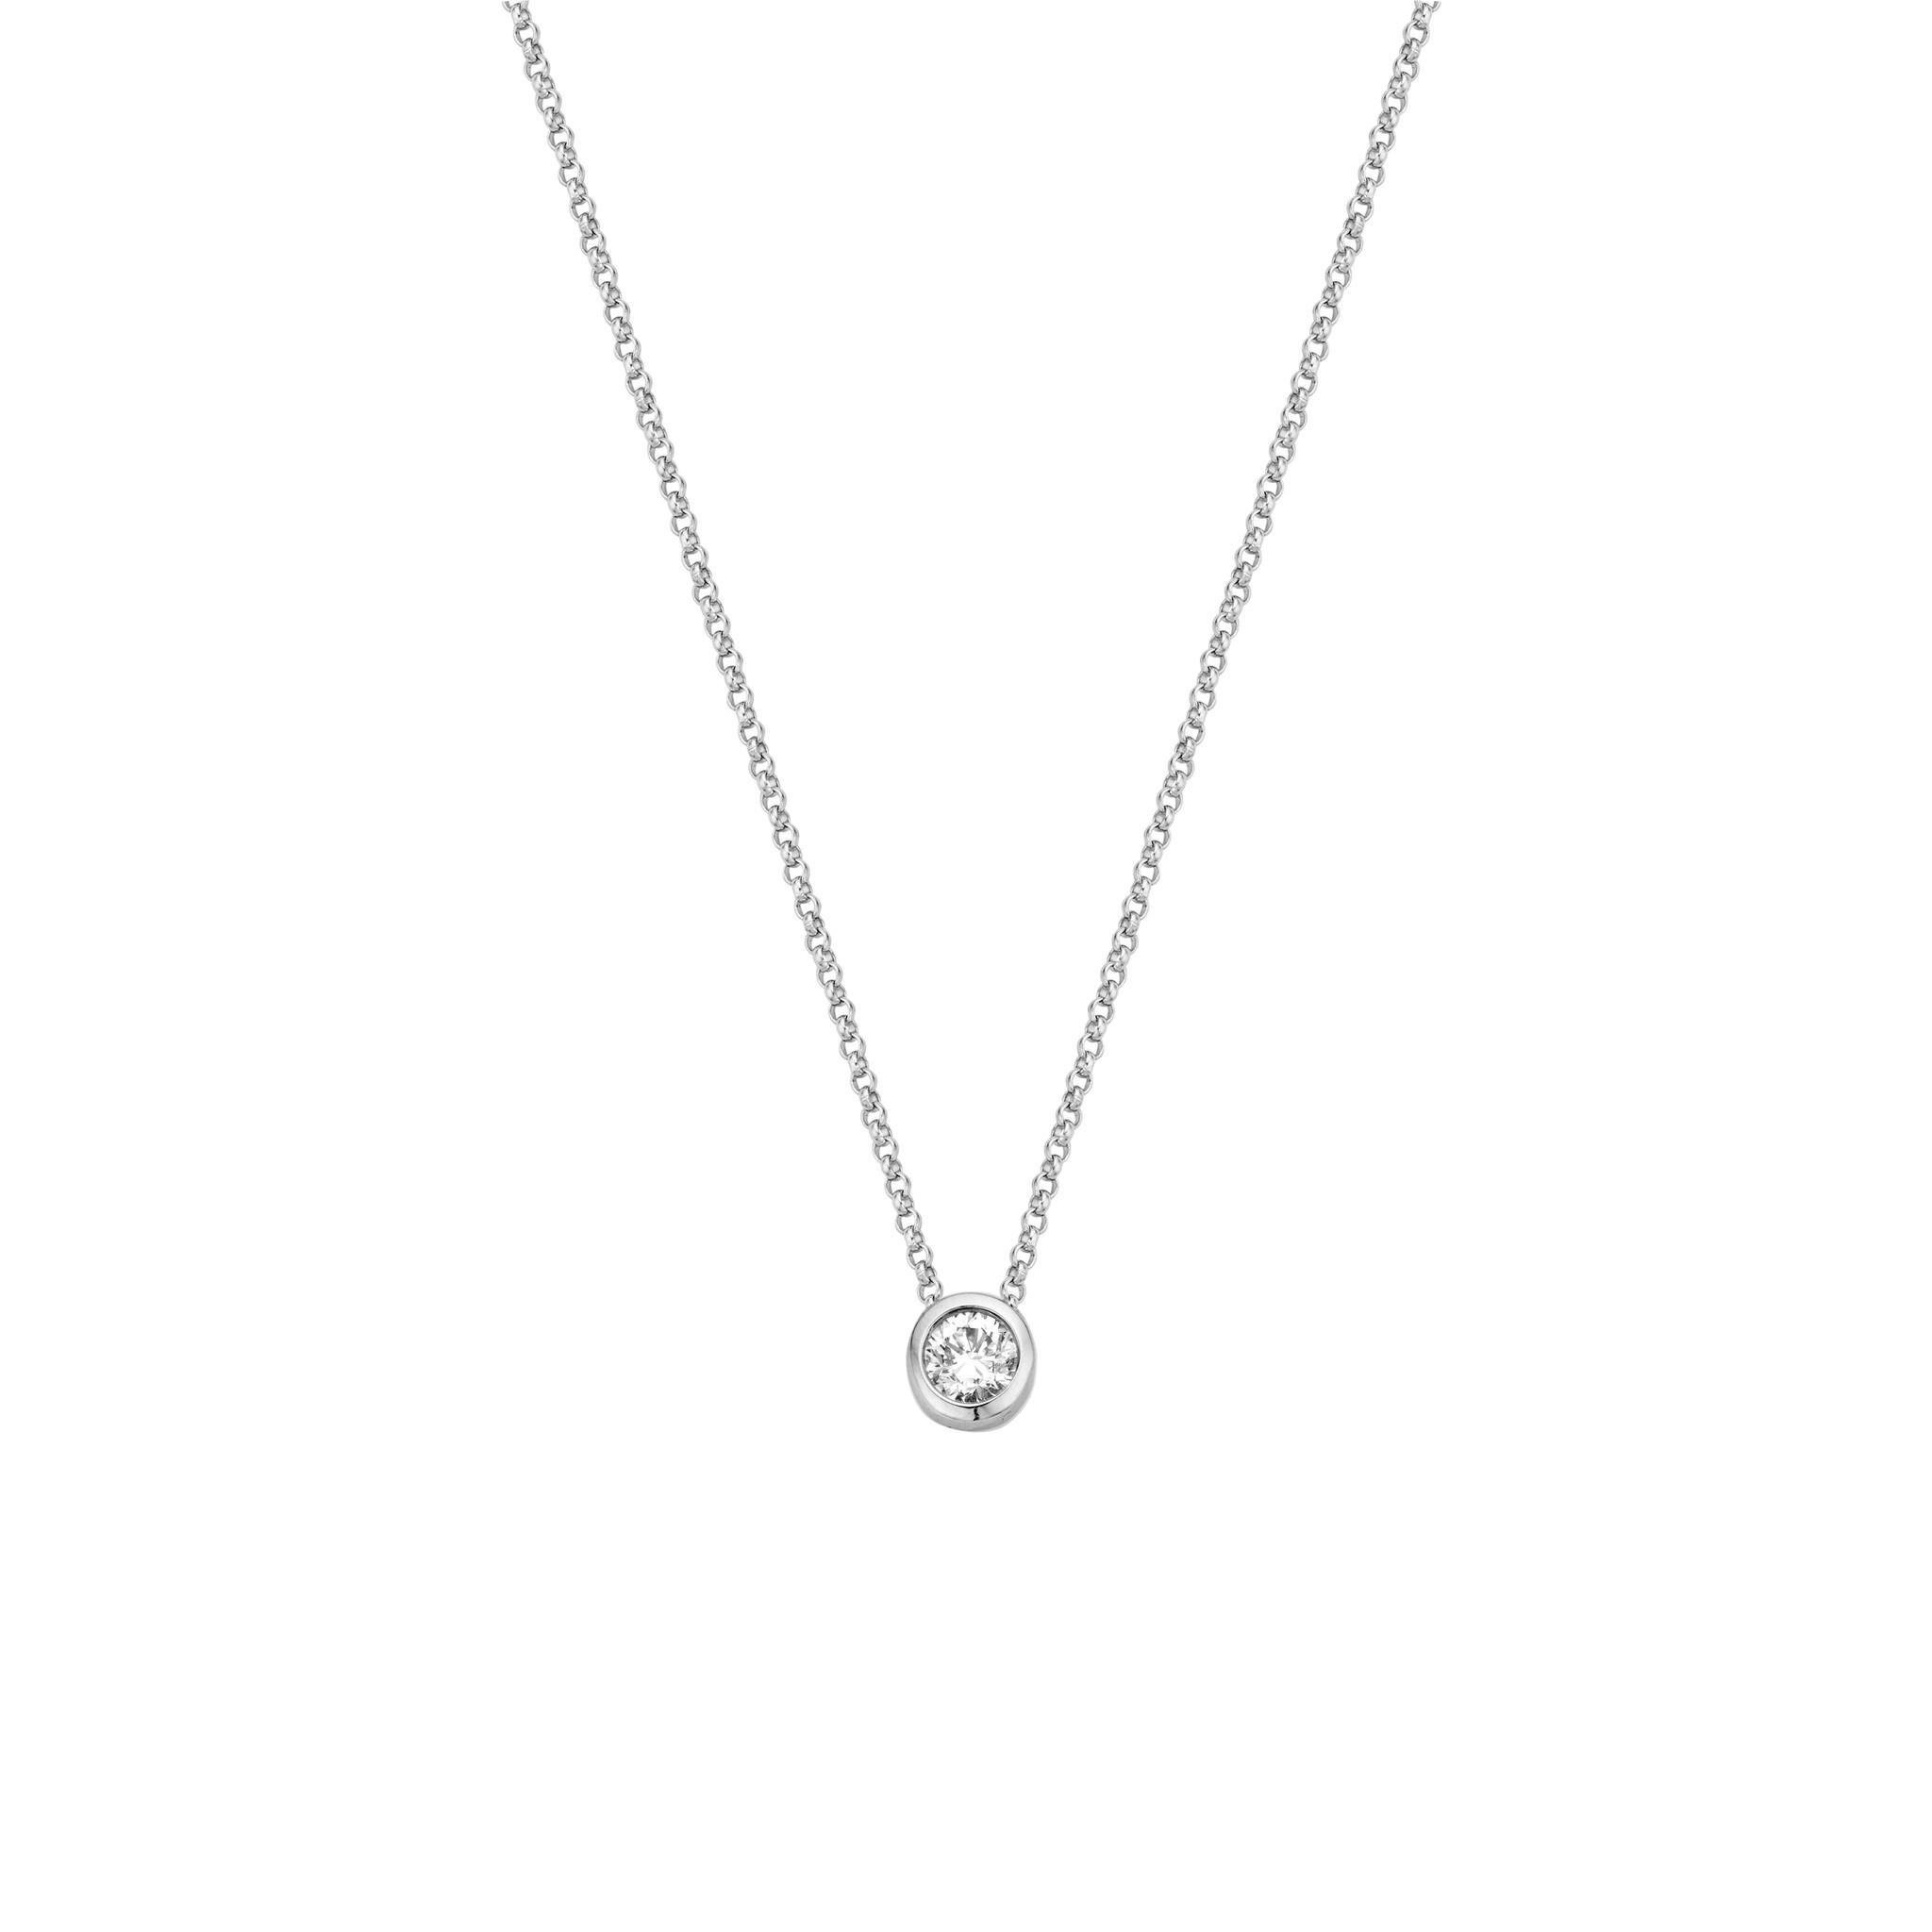 Private Label CvdK 14 kt witgouden collier met diamant hanger